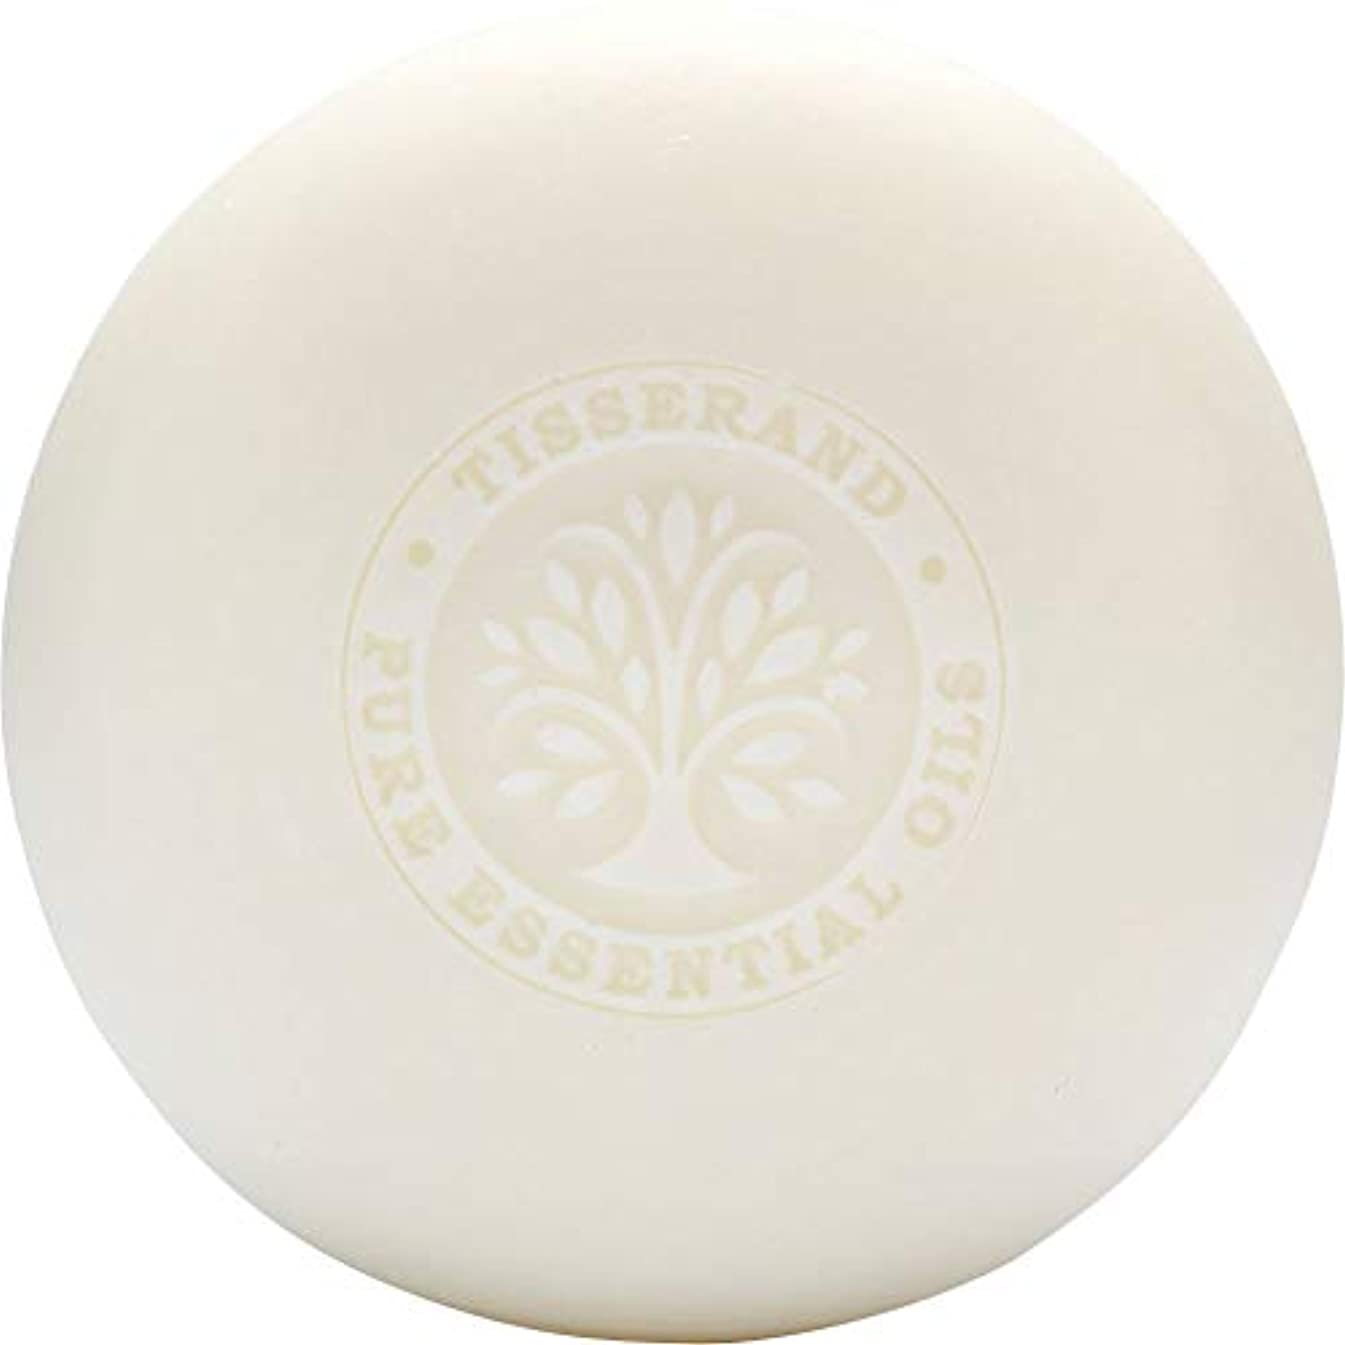 原子炉バズ女将[Tisserand] ティスランドローズ&ゼラニウムの葉石鹸100グラム - Tisserand Rose & Geranium Leaf Soap 100g [並行輸入品]